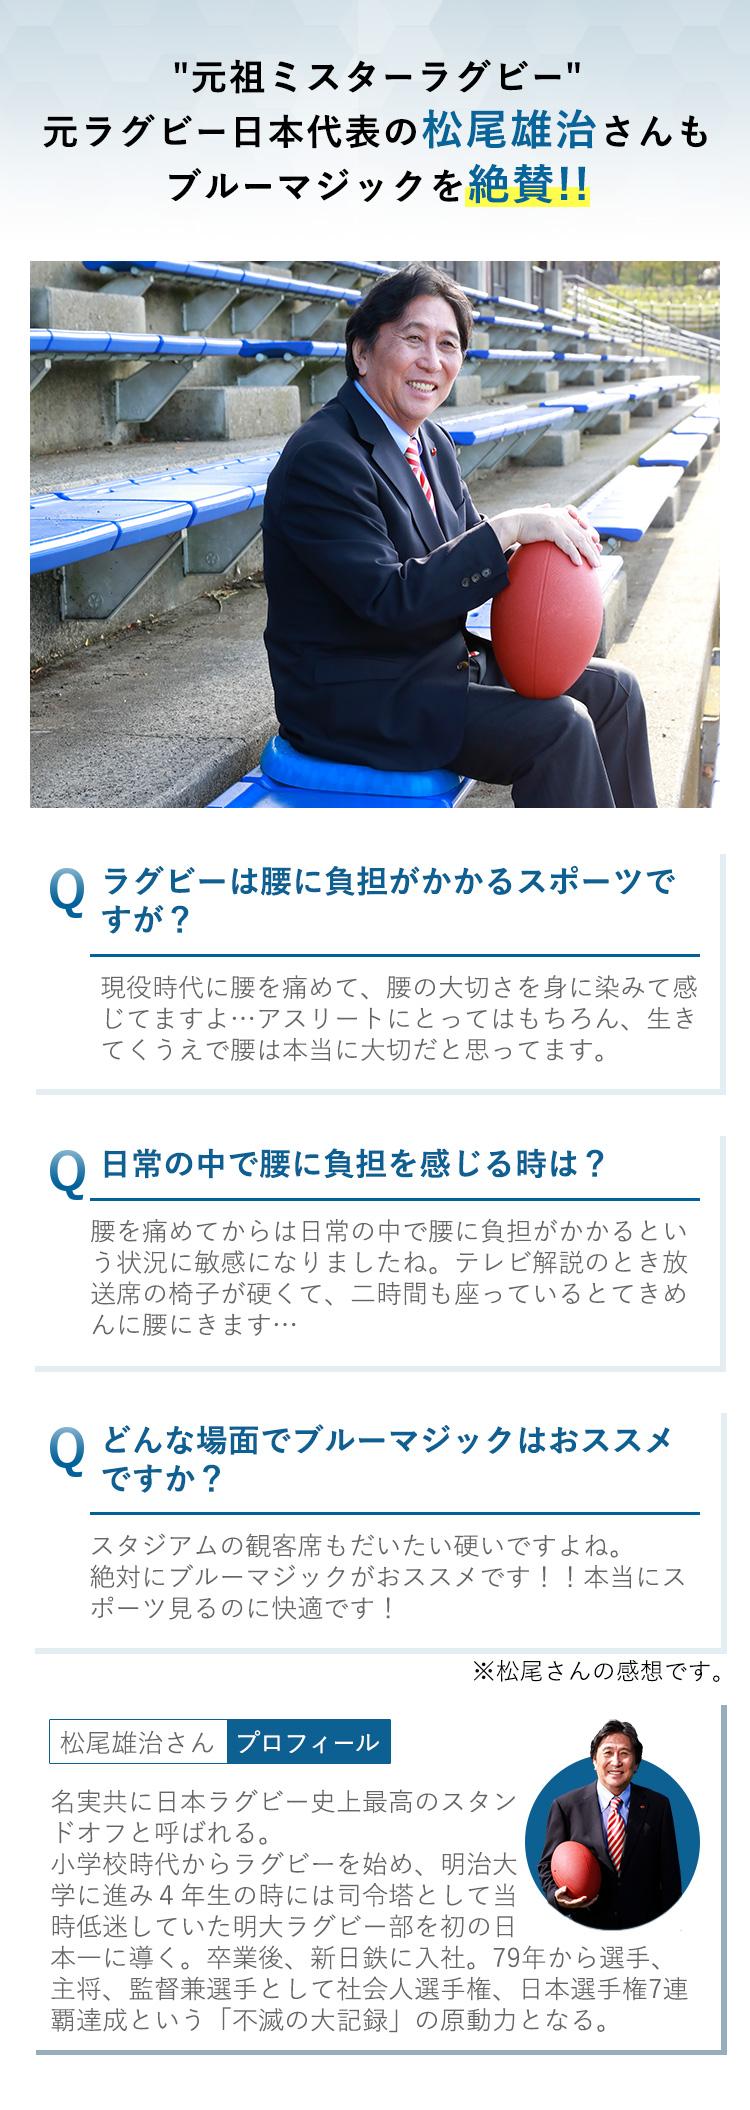 """""""元祖ミスターラグビー""""元ラグビー日本代表の松尾雄治さんもブルーマジックを絶賛!!"""